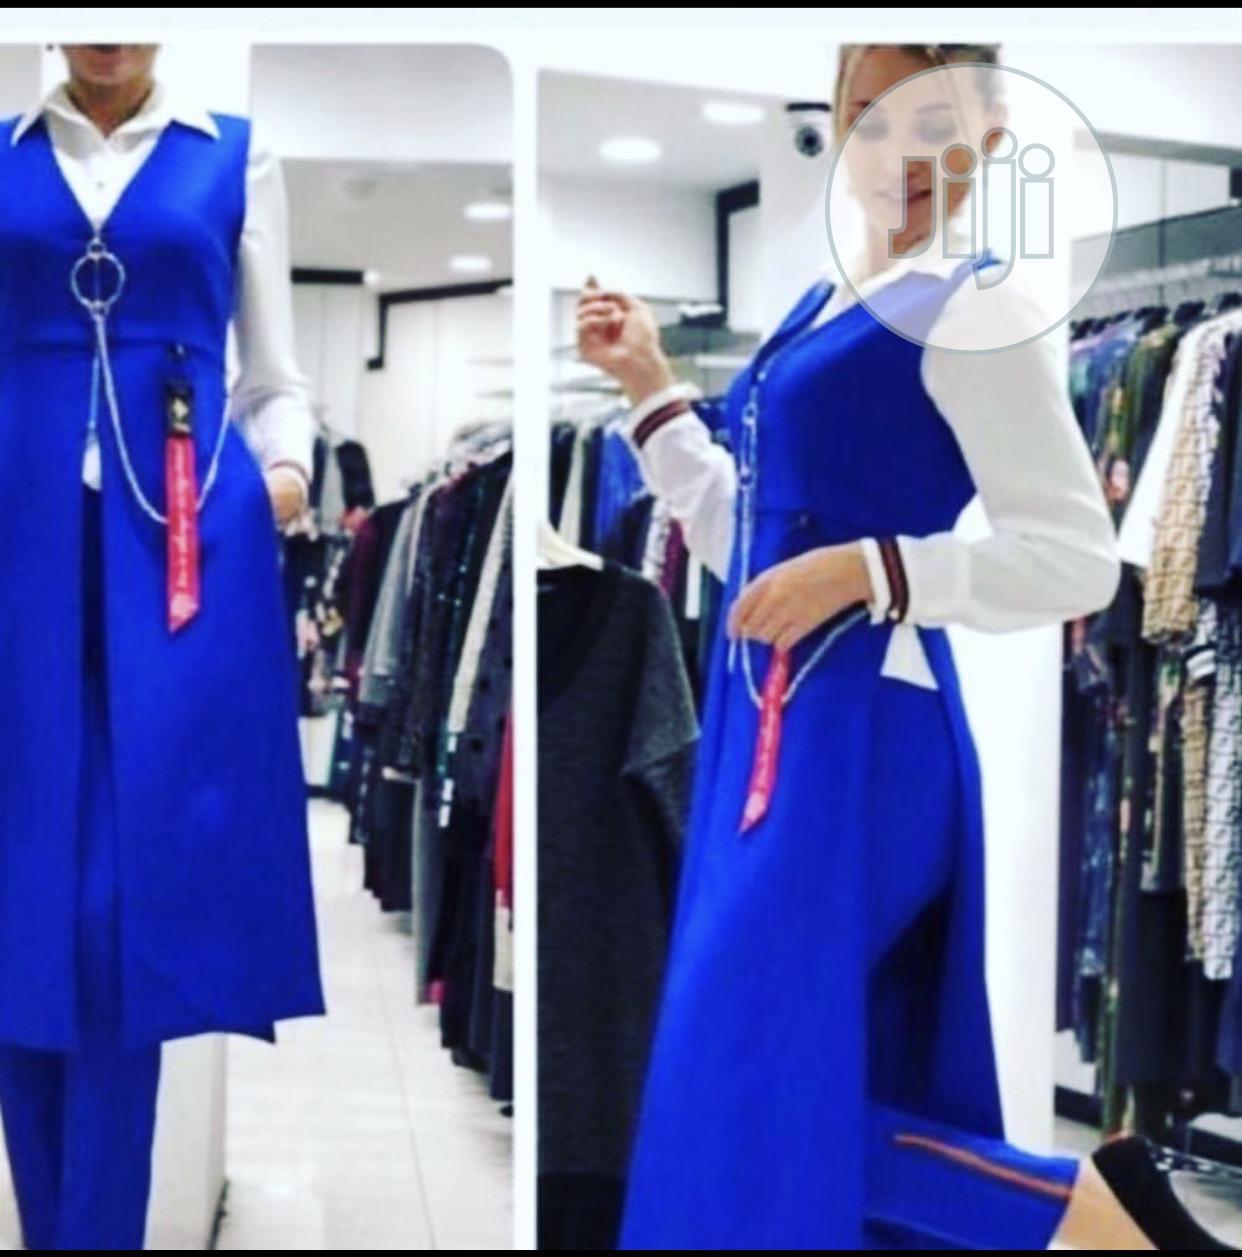 3in 1 Turkey Fashion